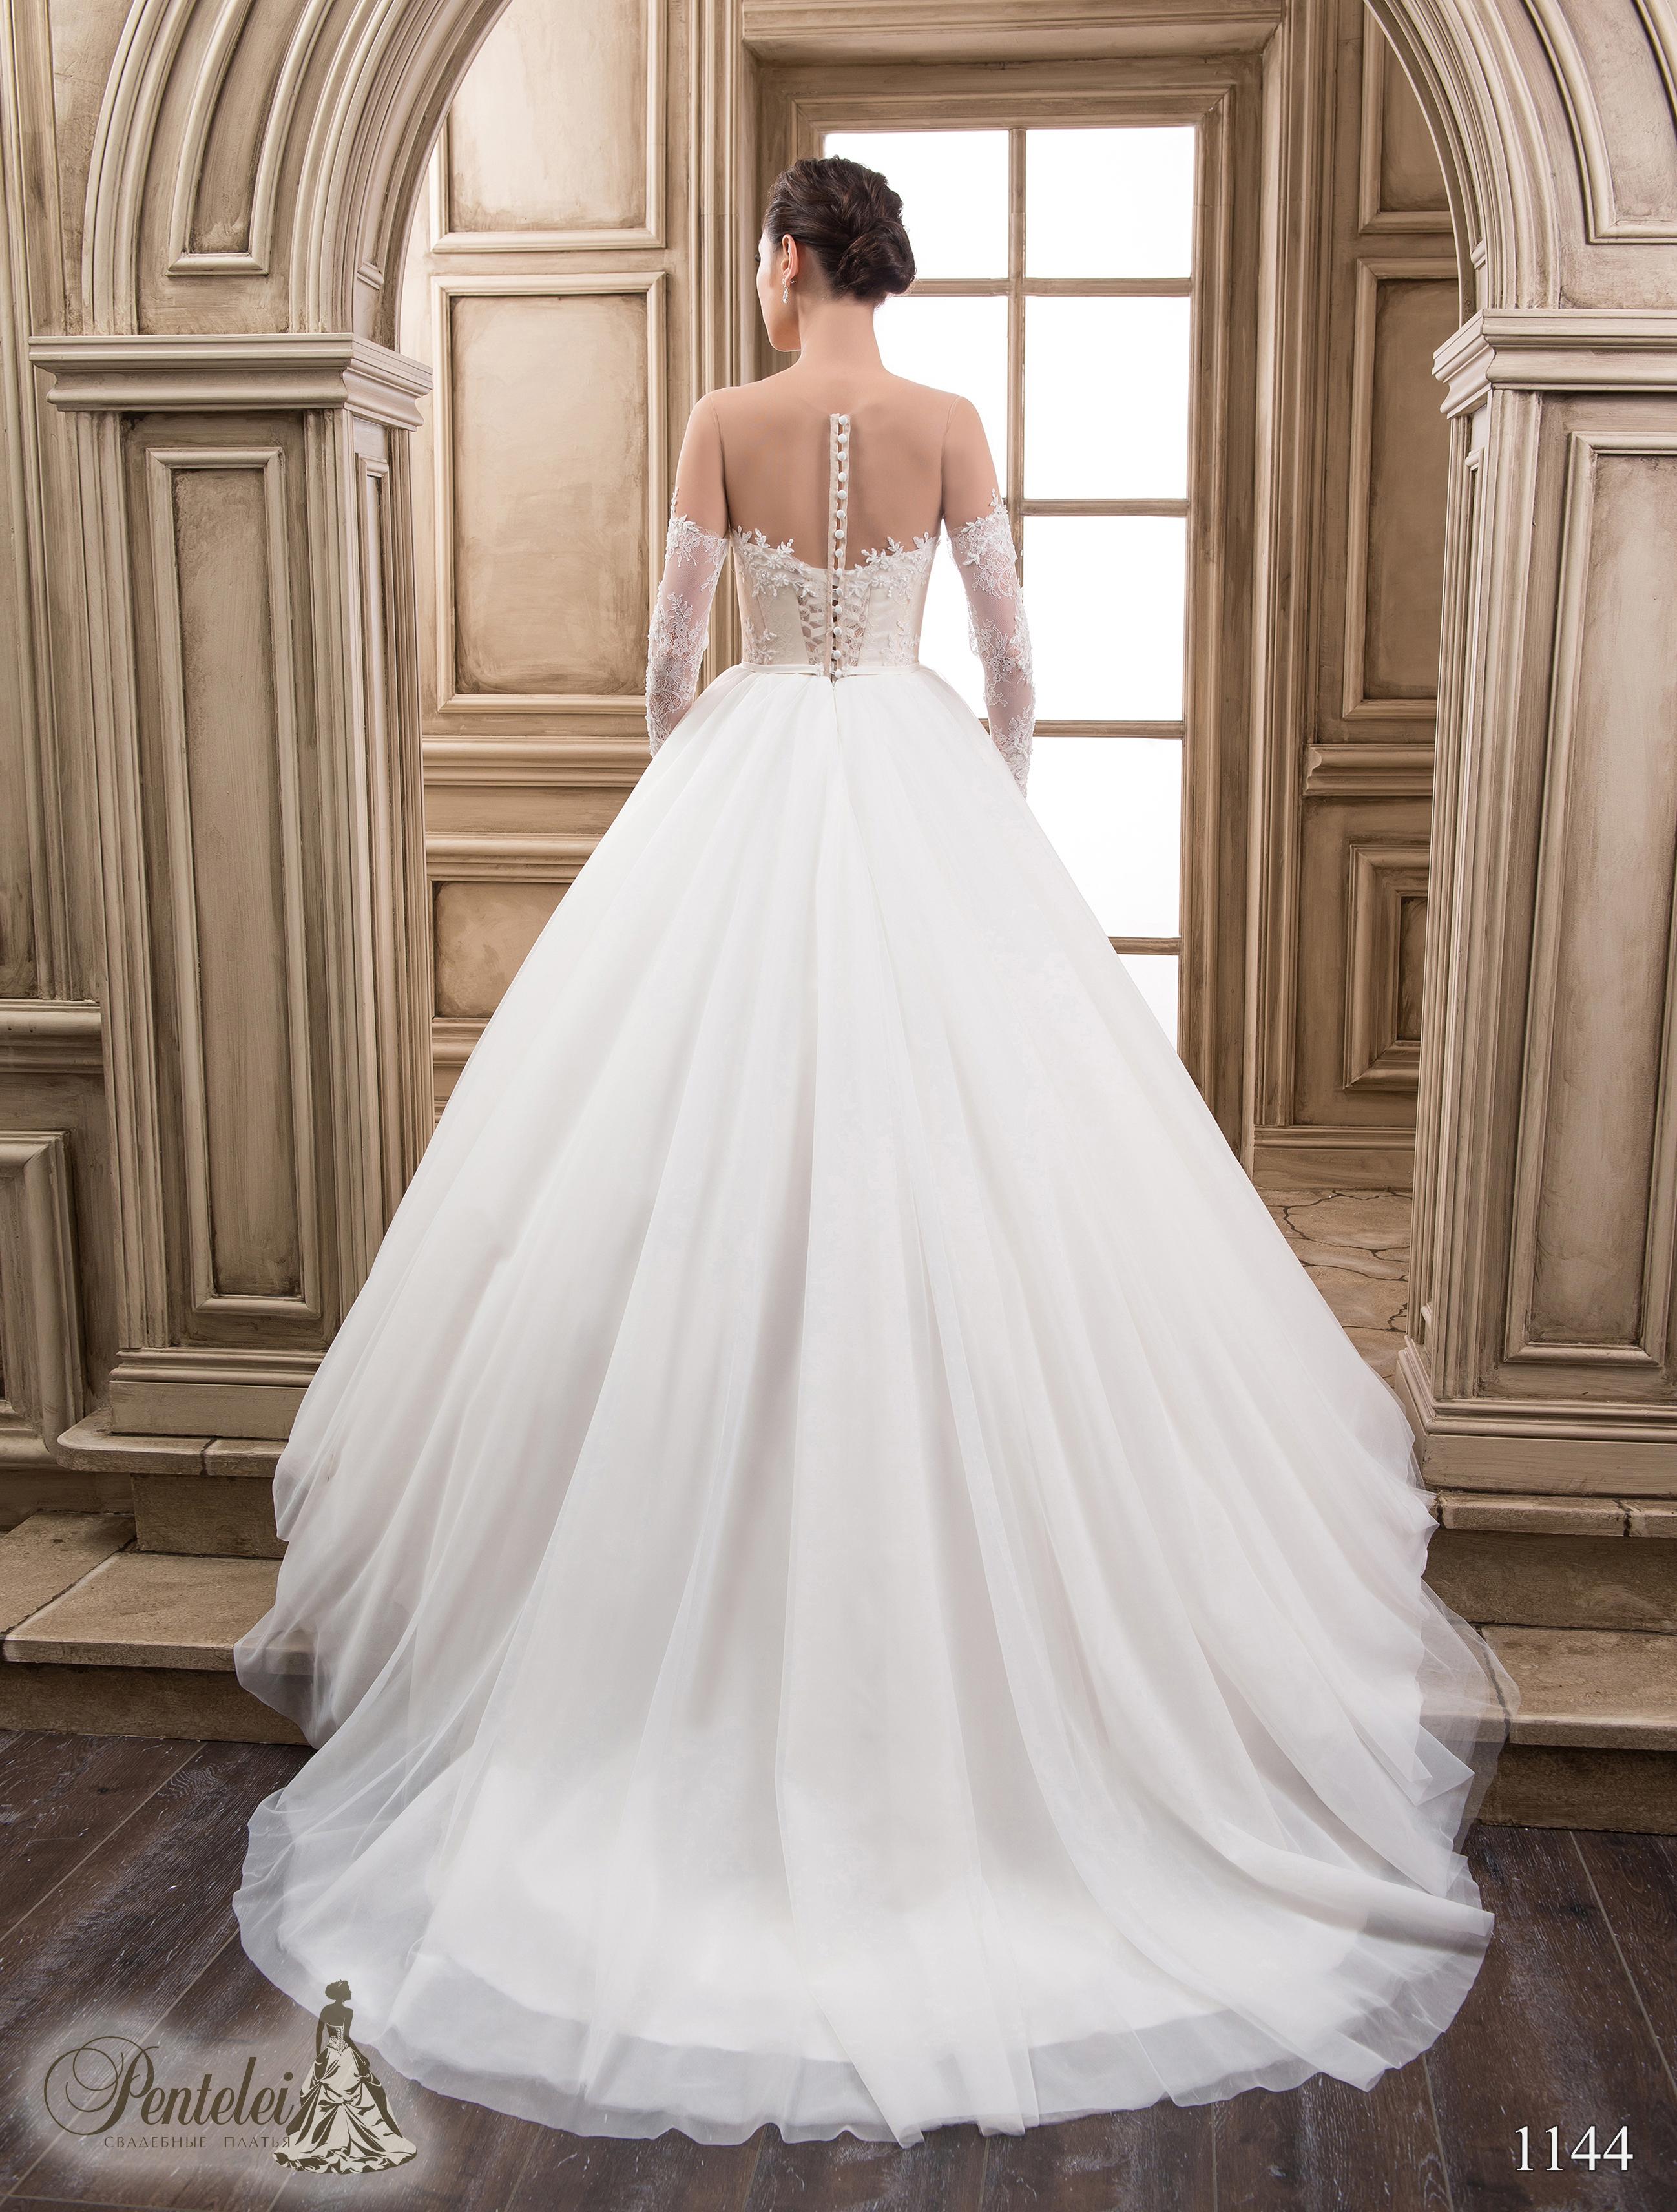 1144 | Купить свадебные платья оптом от Pentelei